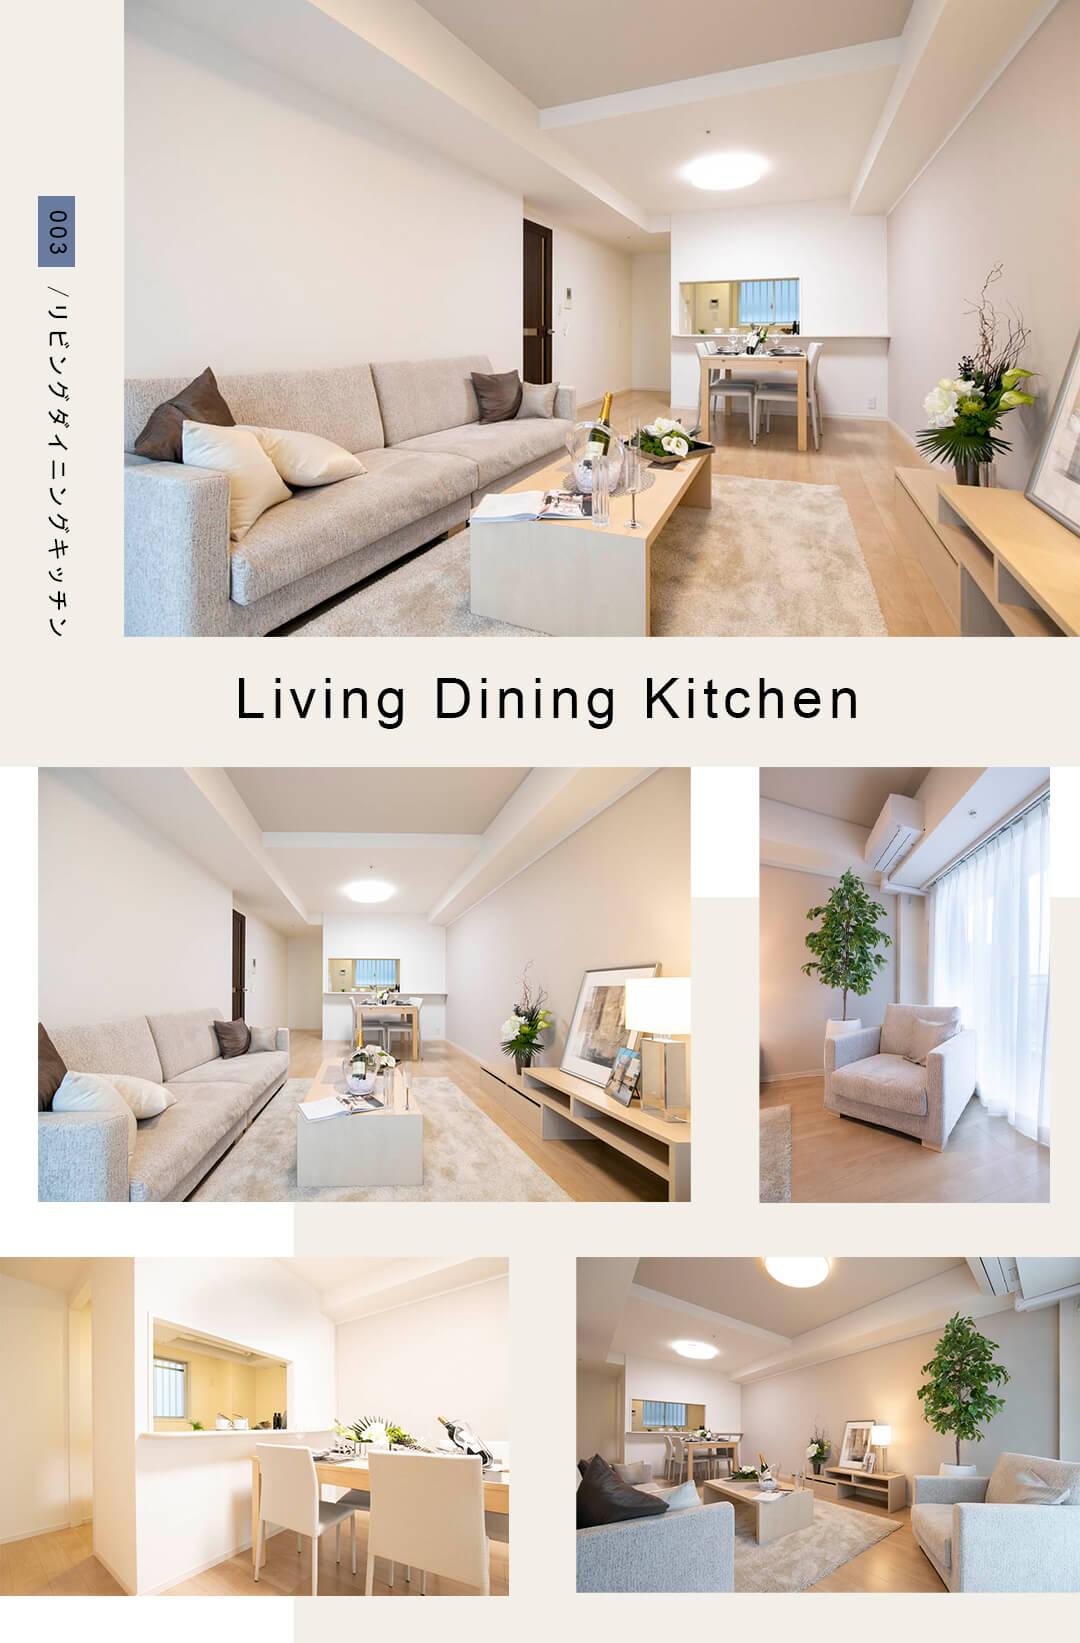 03リビングダイニングキッチン,Living,Dining,Kitchen